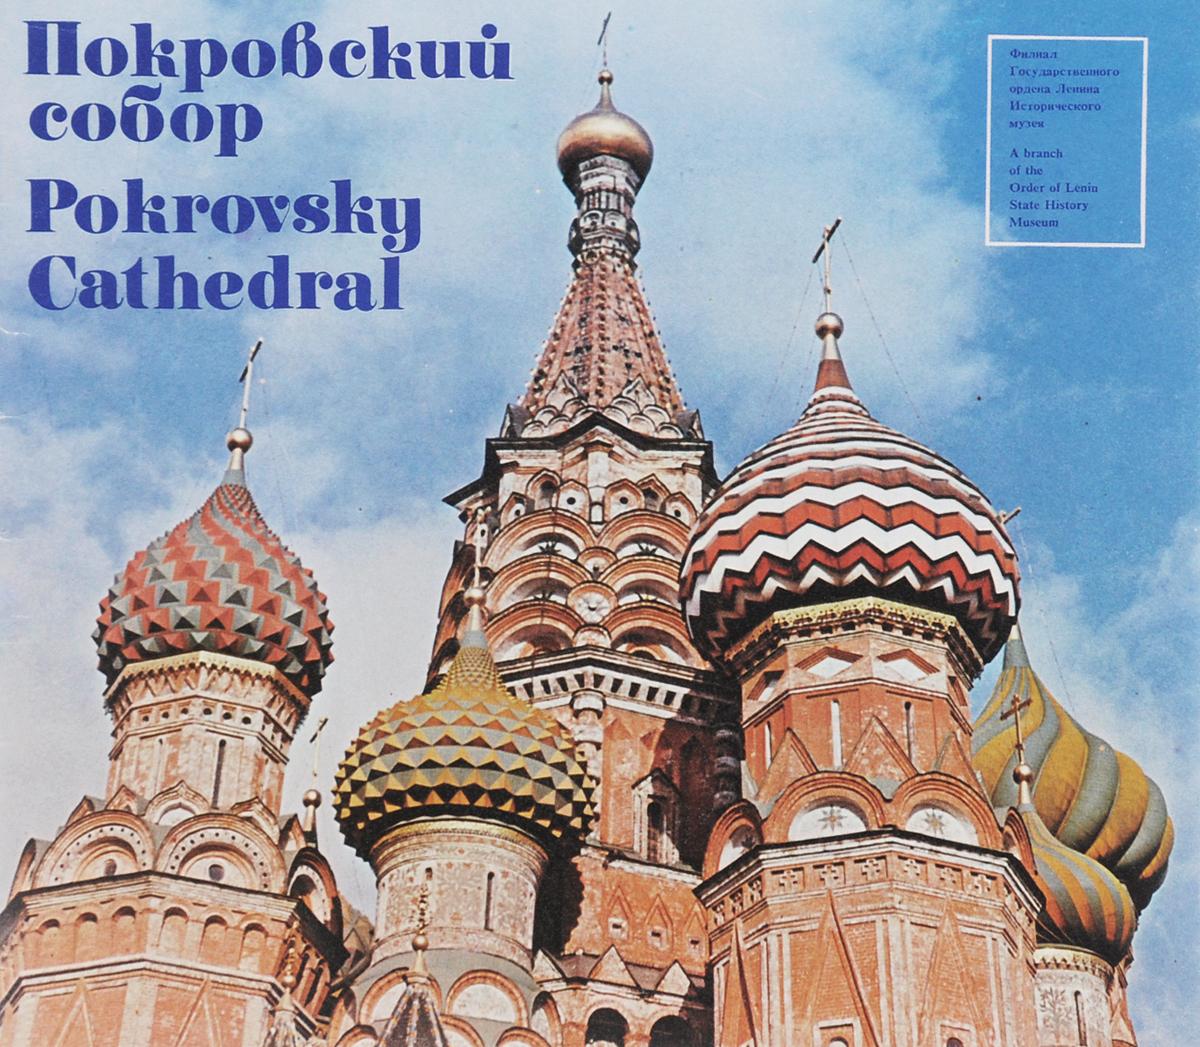 Покровский собор / Pokrovsky Cathedral